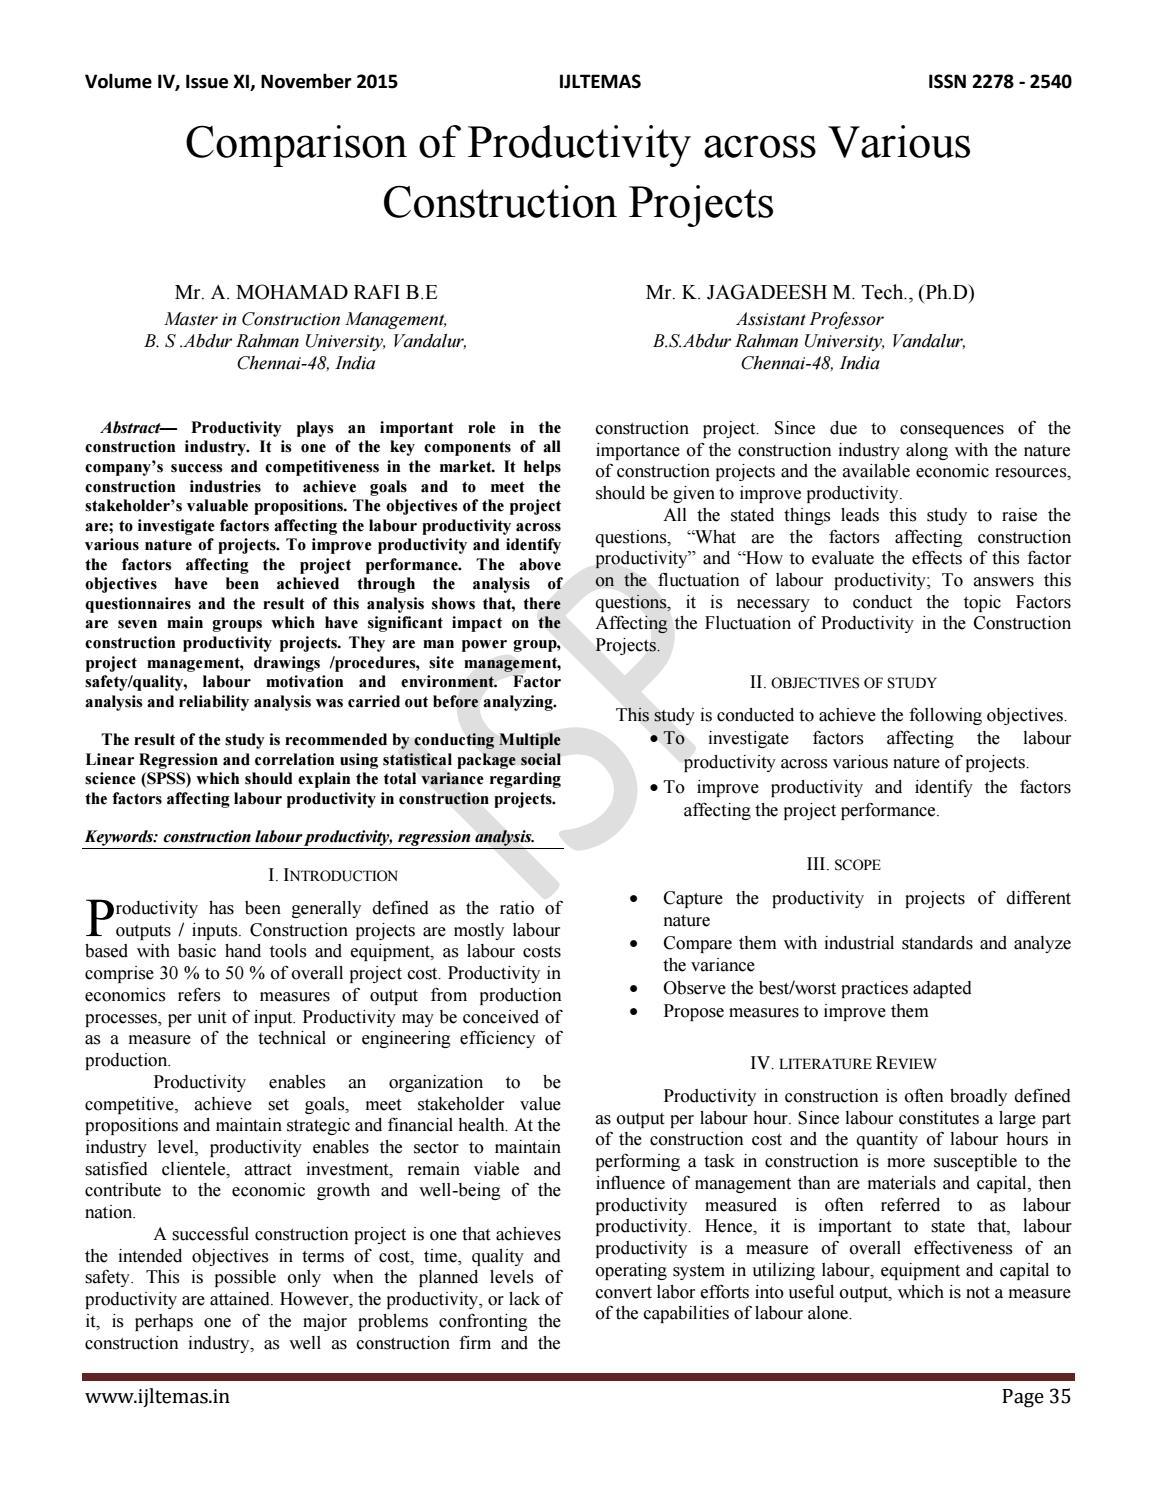 Comparison of Productivity across Various Construction